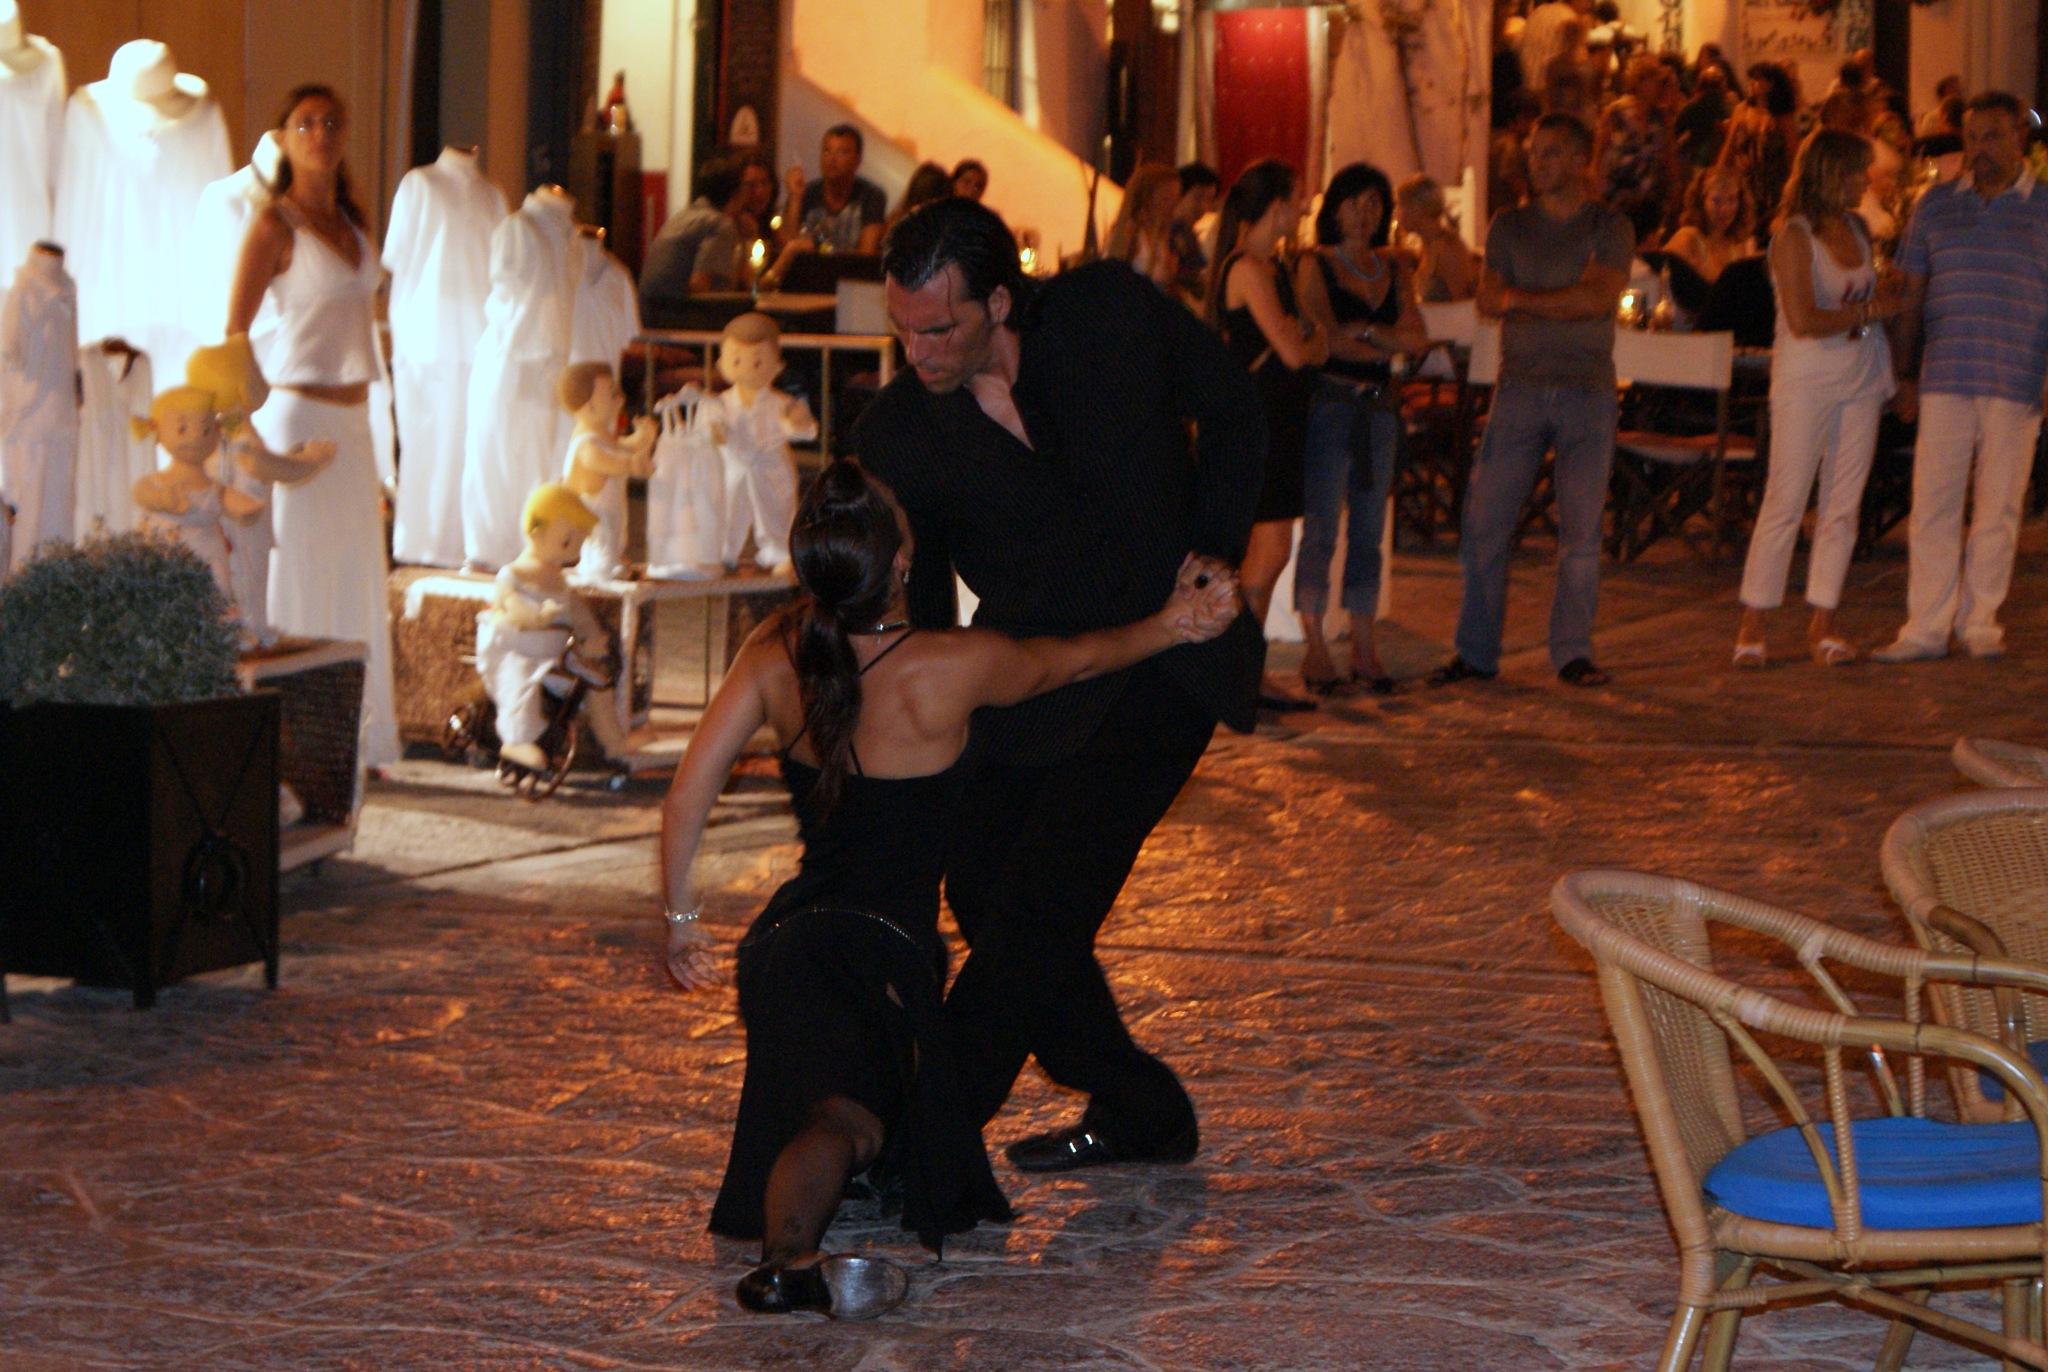 Tango in ibiza by vitopedone